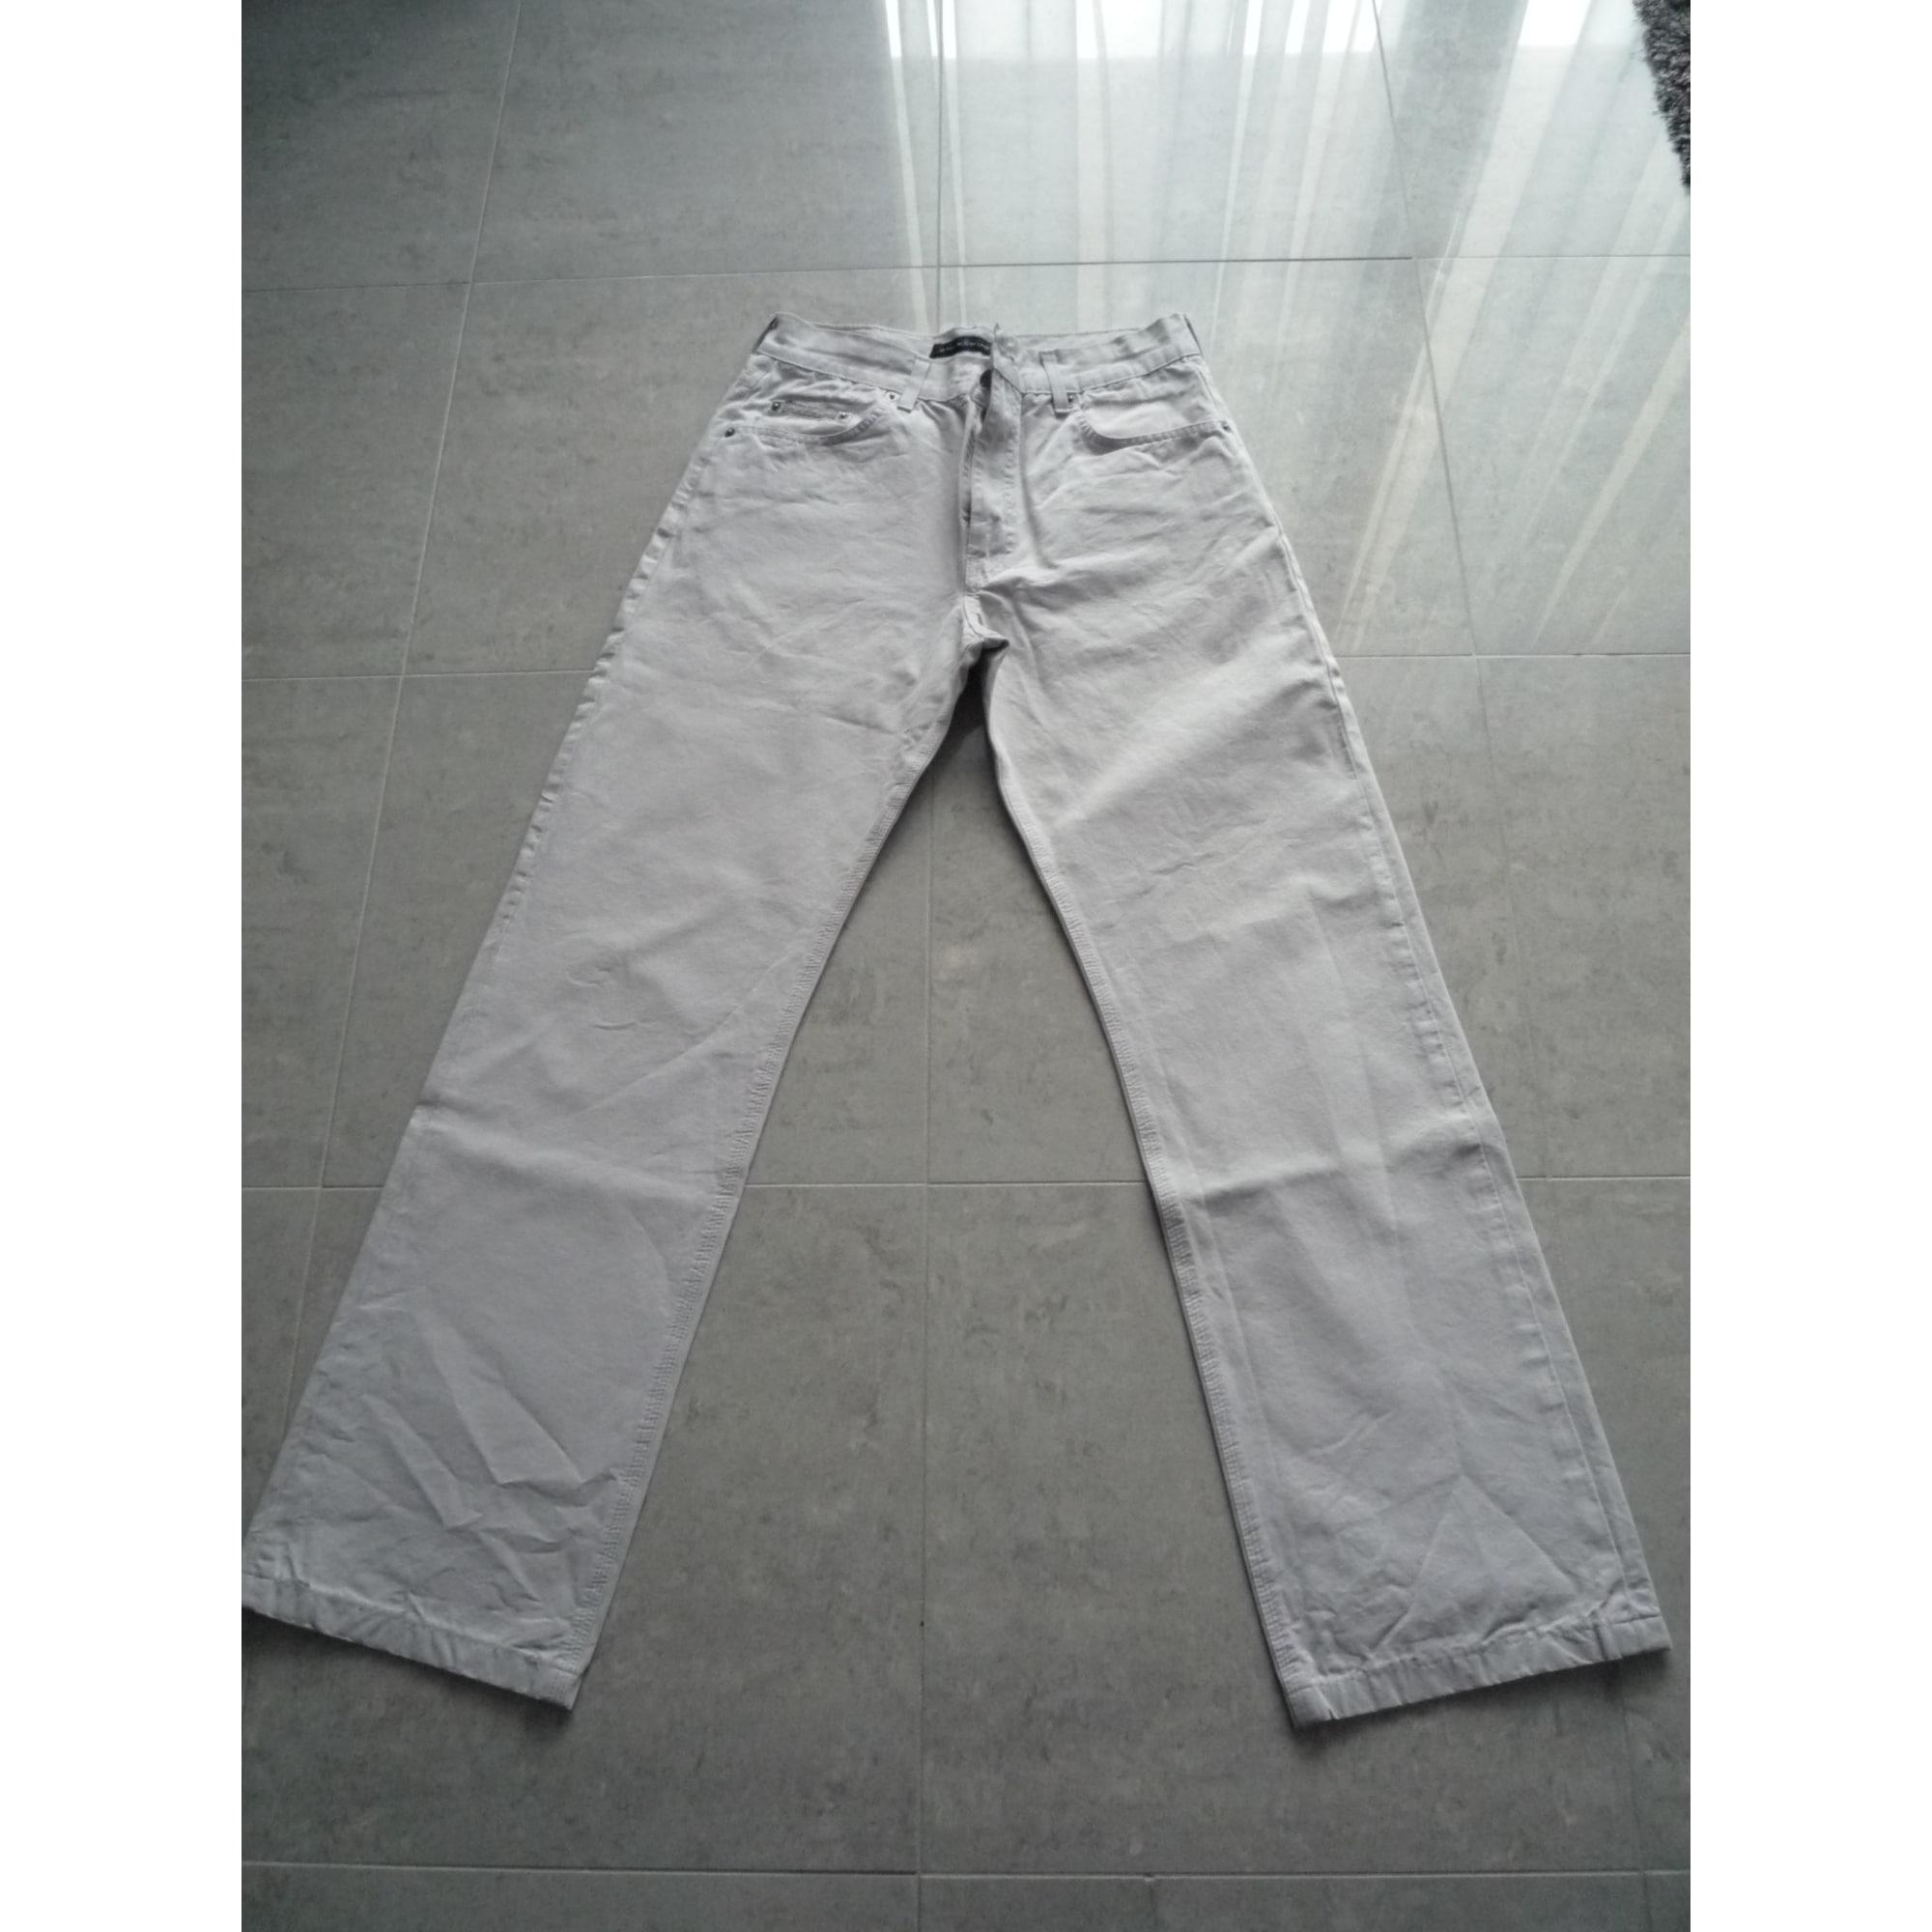 Pantalon droit CHEVIGNON gris et beige